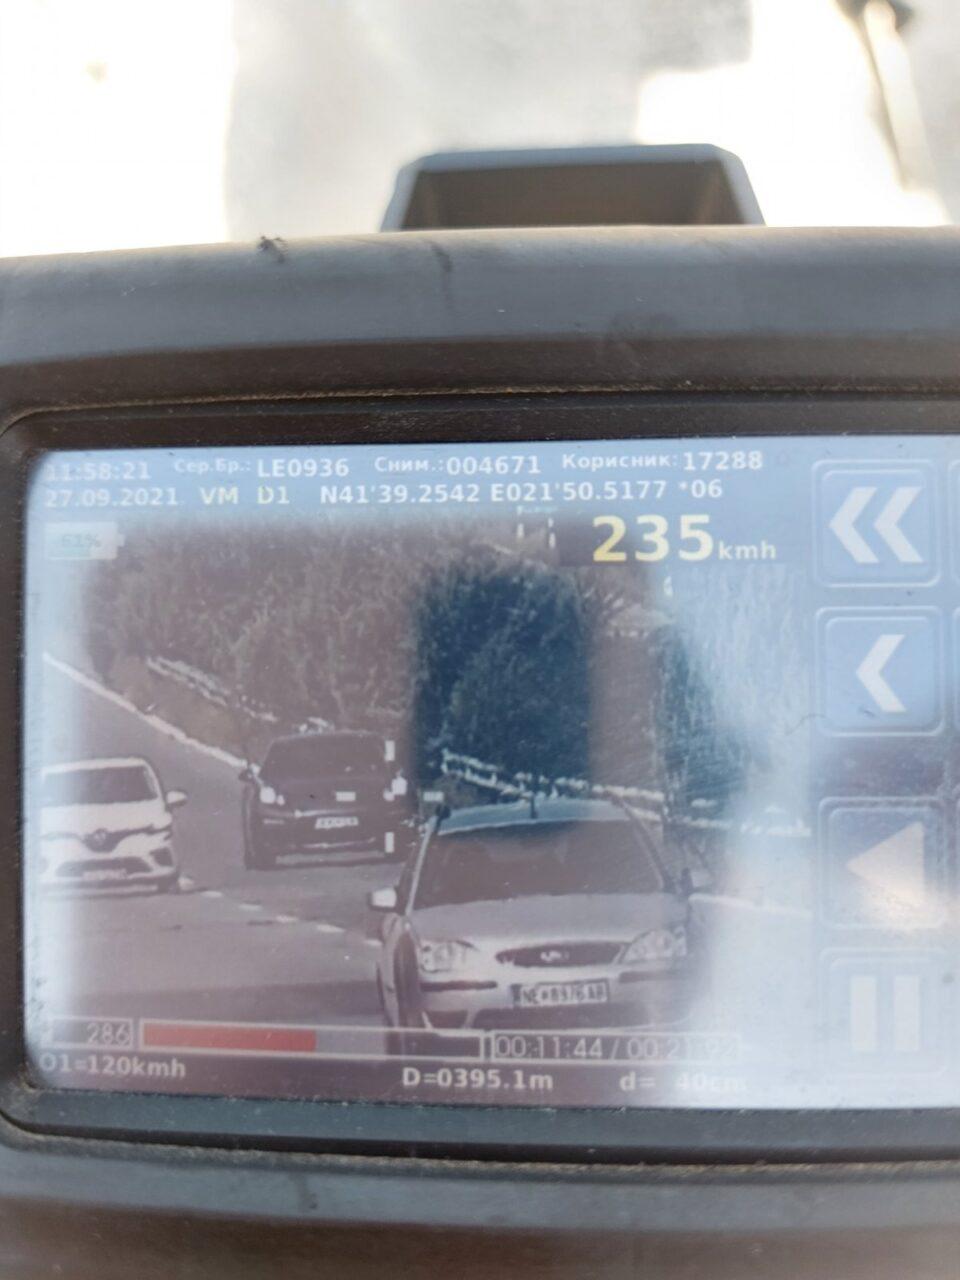 """ФОТО: """"Летал"""" со 235 км на час на автопатот """"Пријателство"""""""